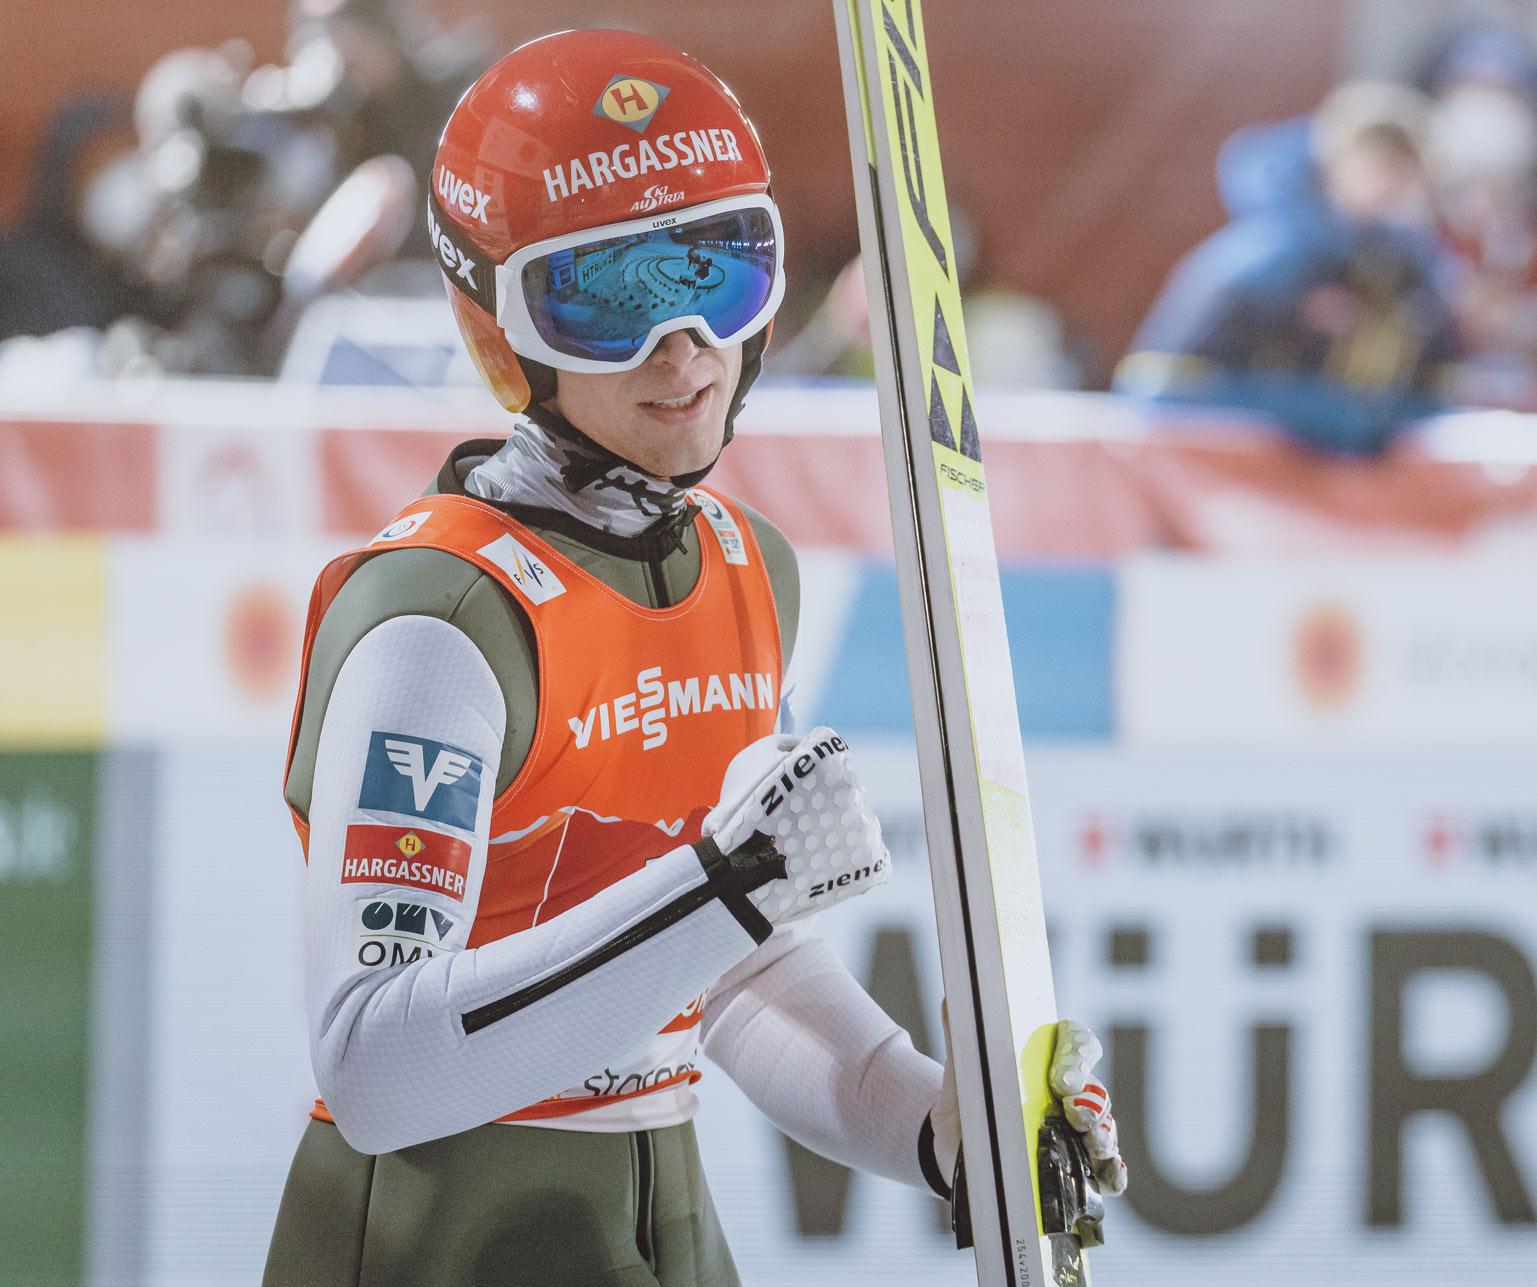 Skispringen Hargassner - Innauer & (f)acts Kunde